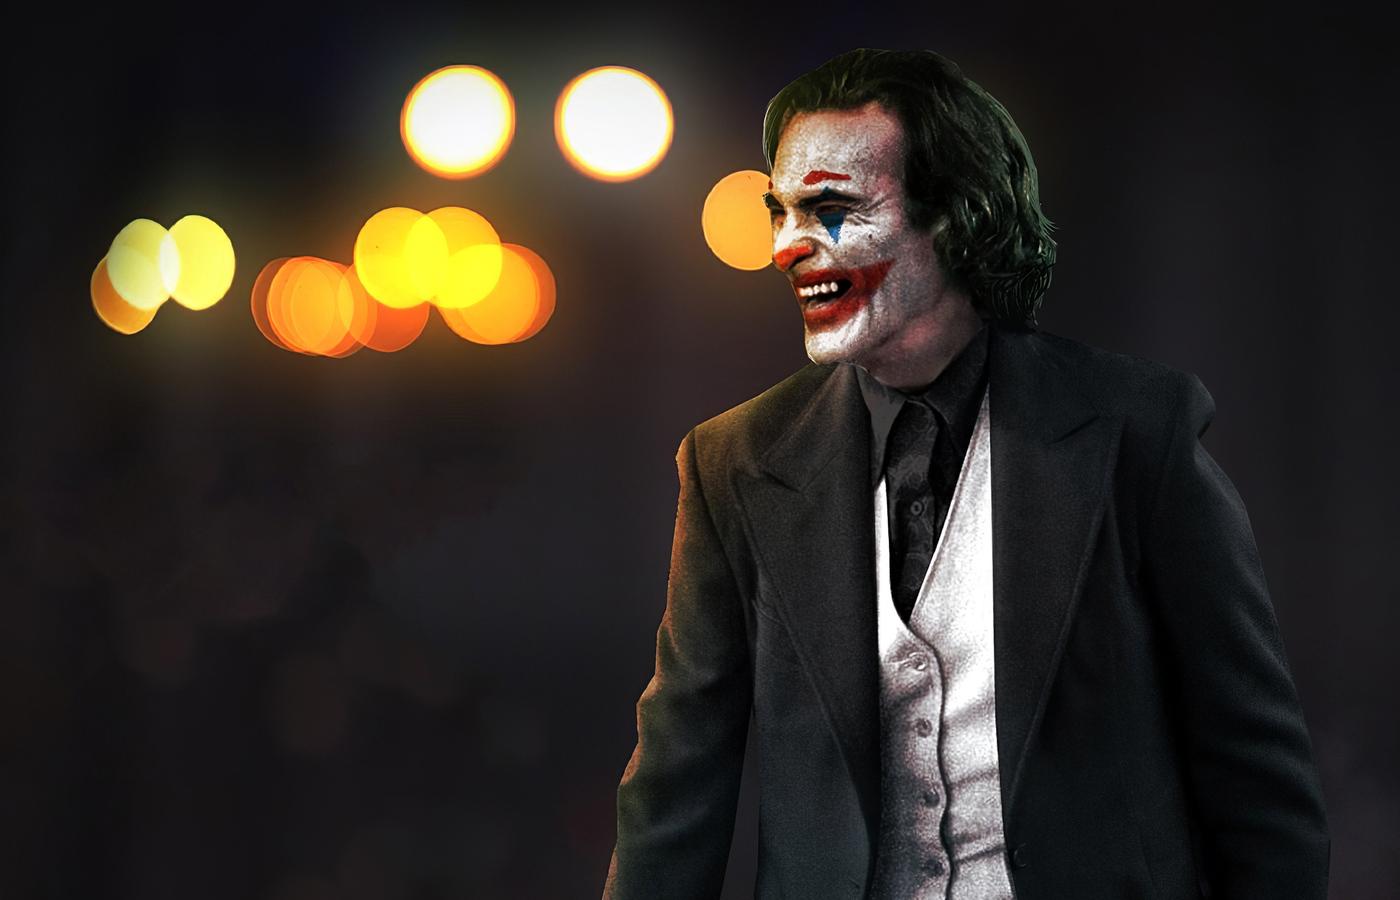 joker-laugh-art-bi.jpg